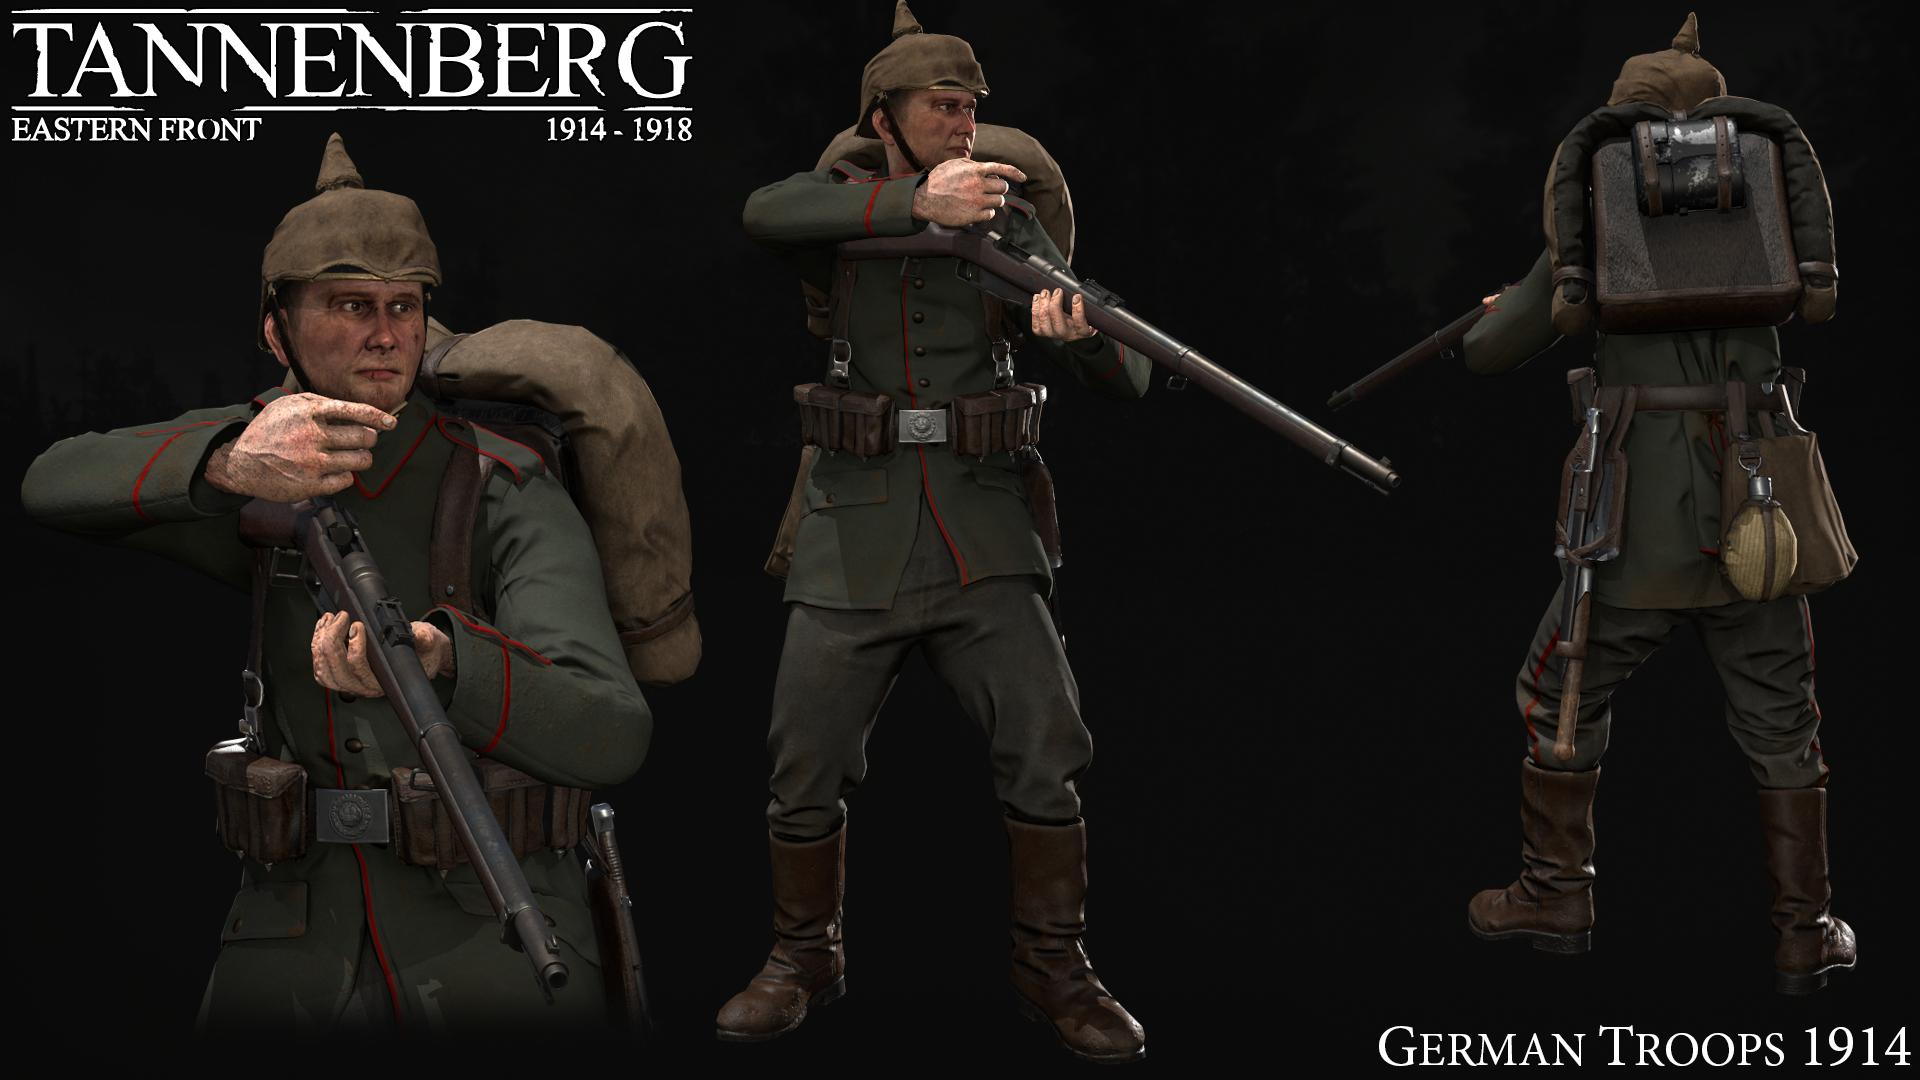 German Troops 1914